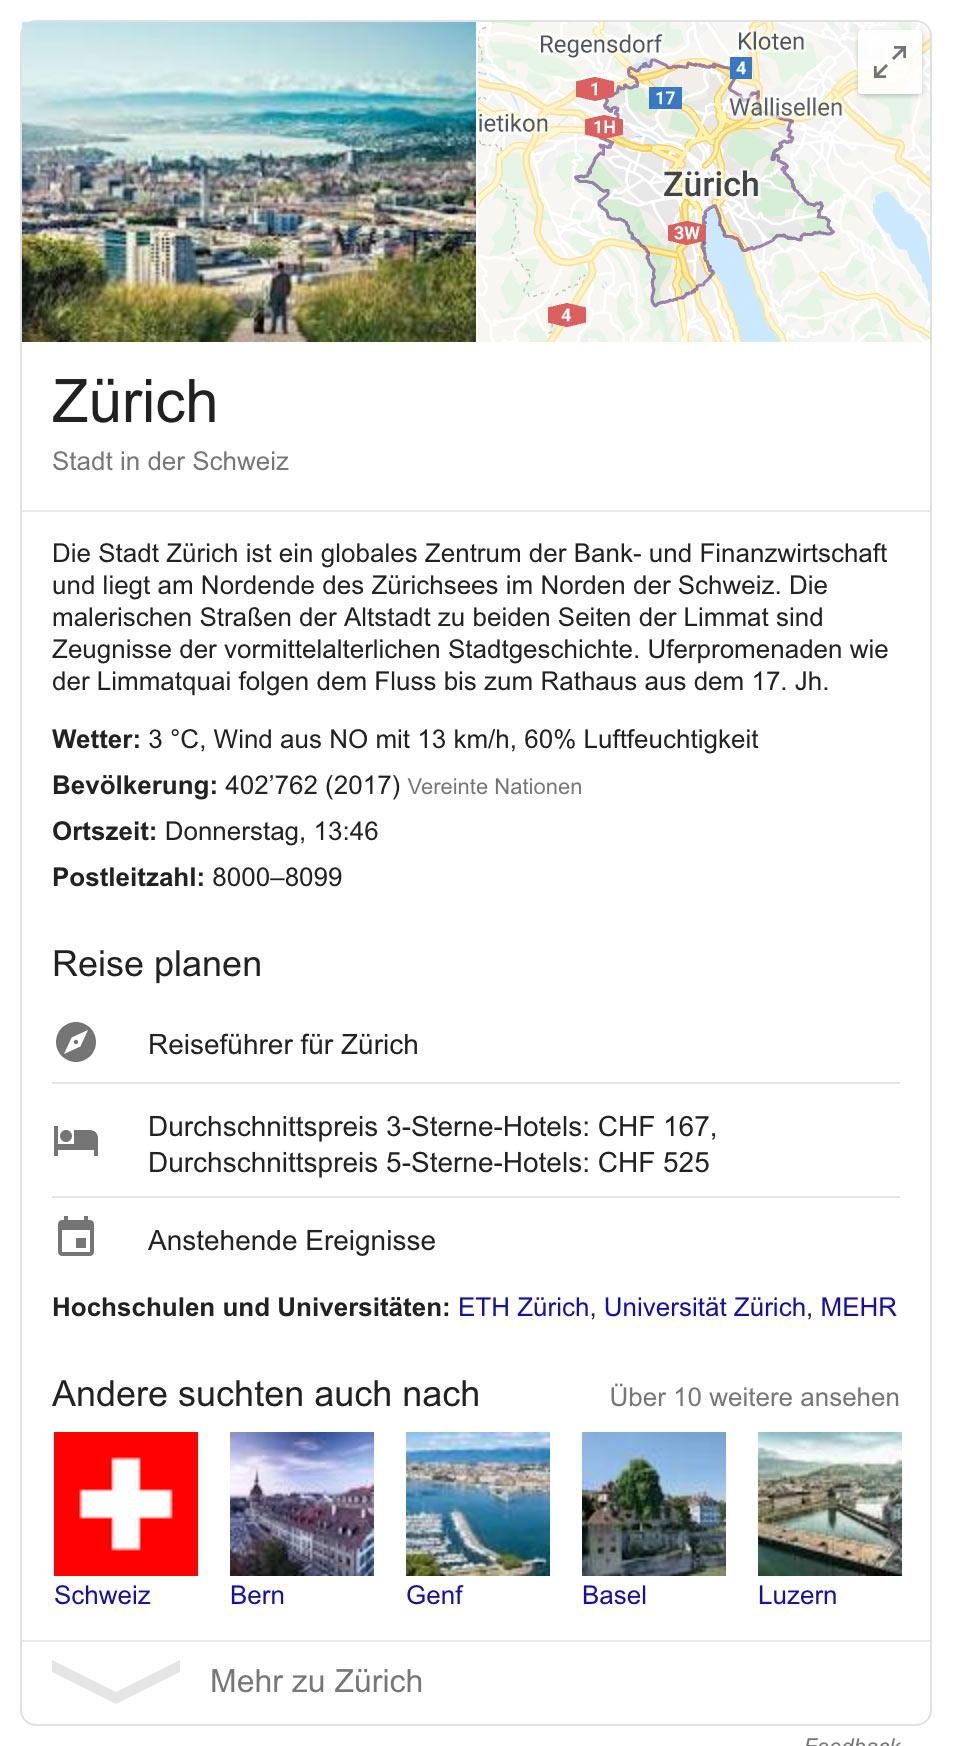 google snippet werbung rupperswil 4 - Google macht Werbung für Rupperswil AG mit einem Vierfachmörder